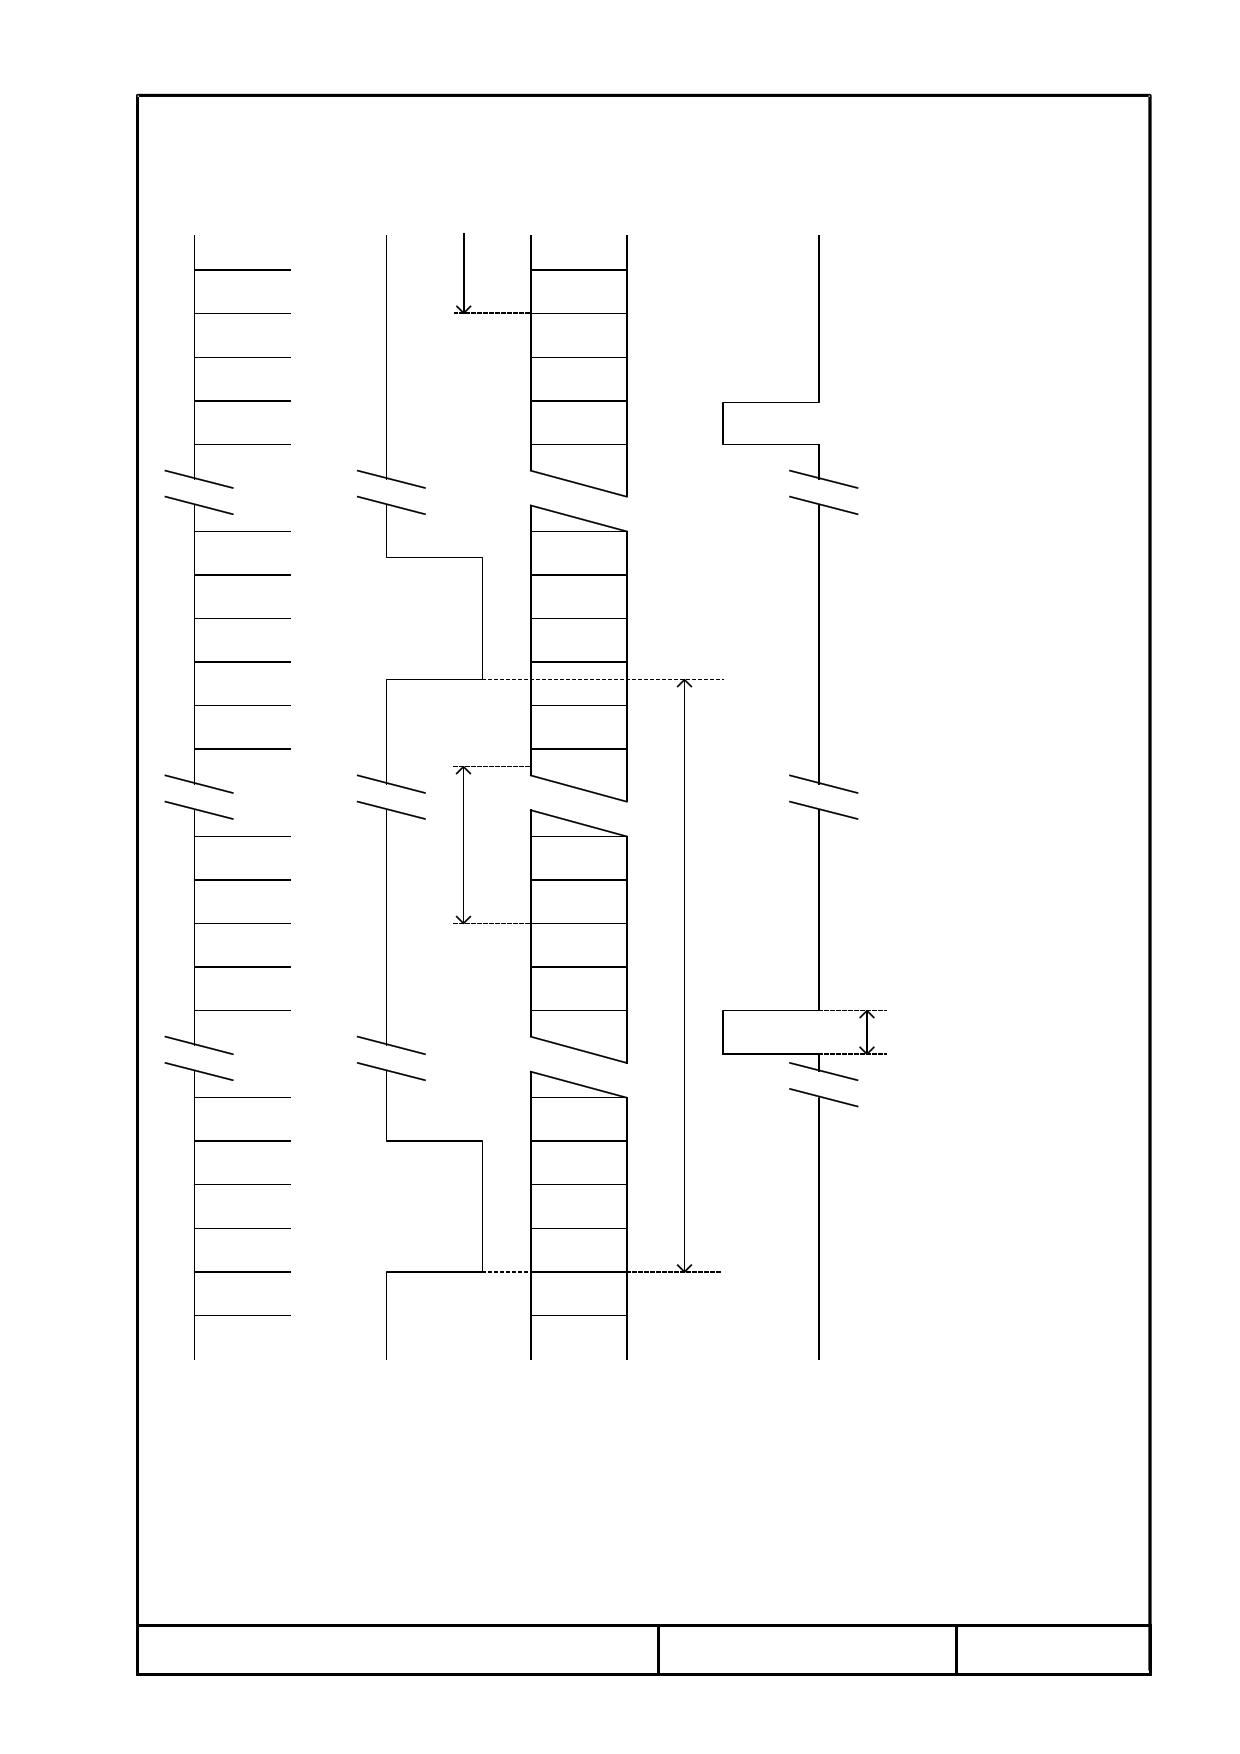 T-51378L025J_FW_P_AA arduino